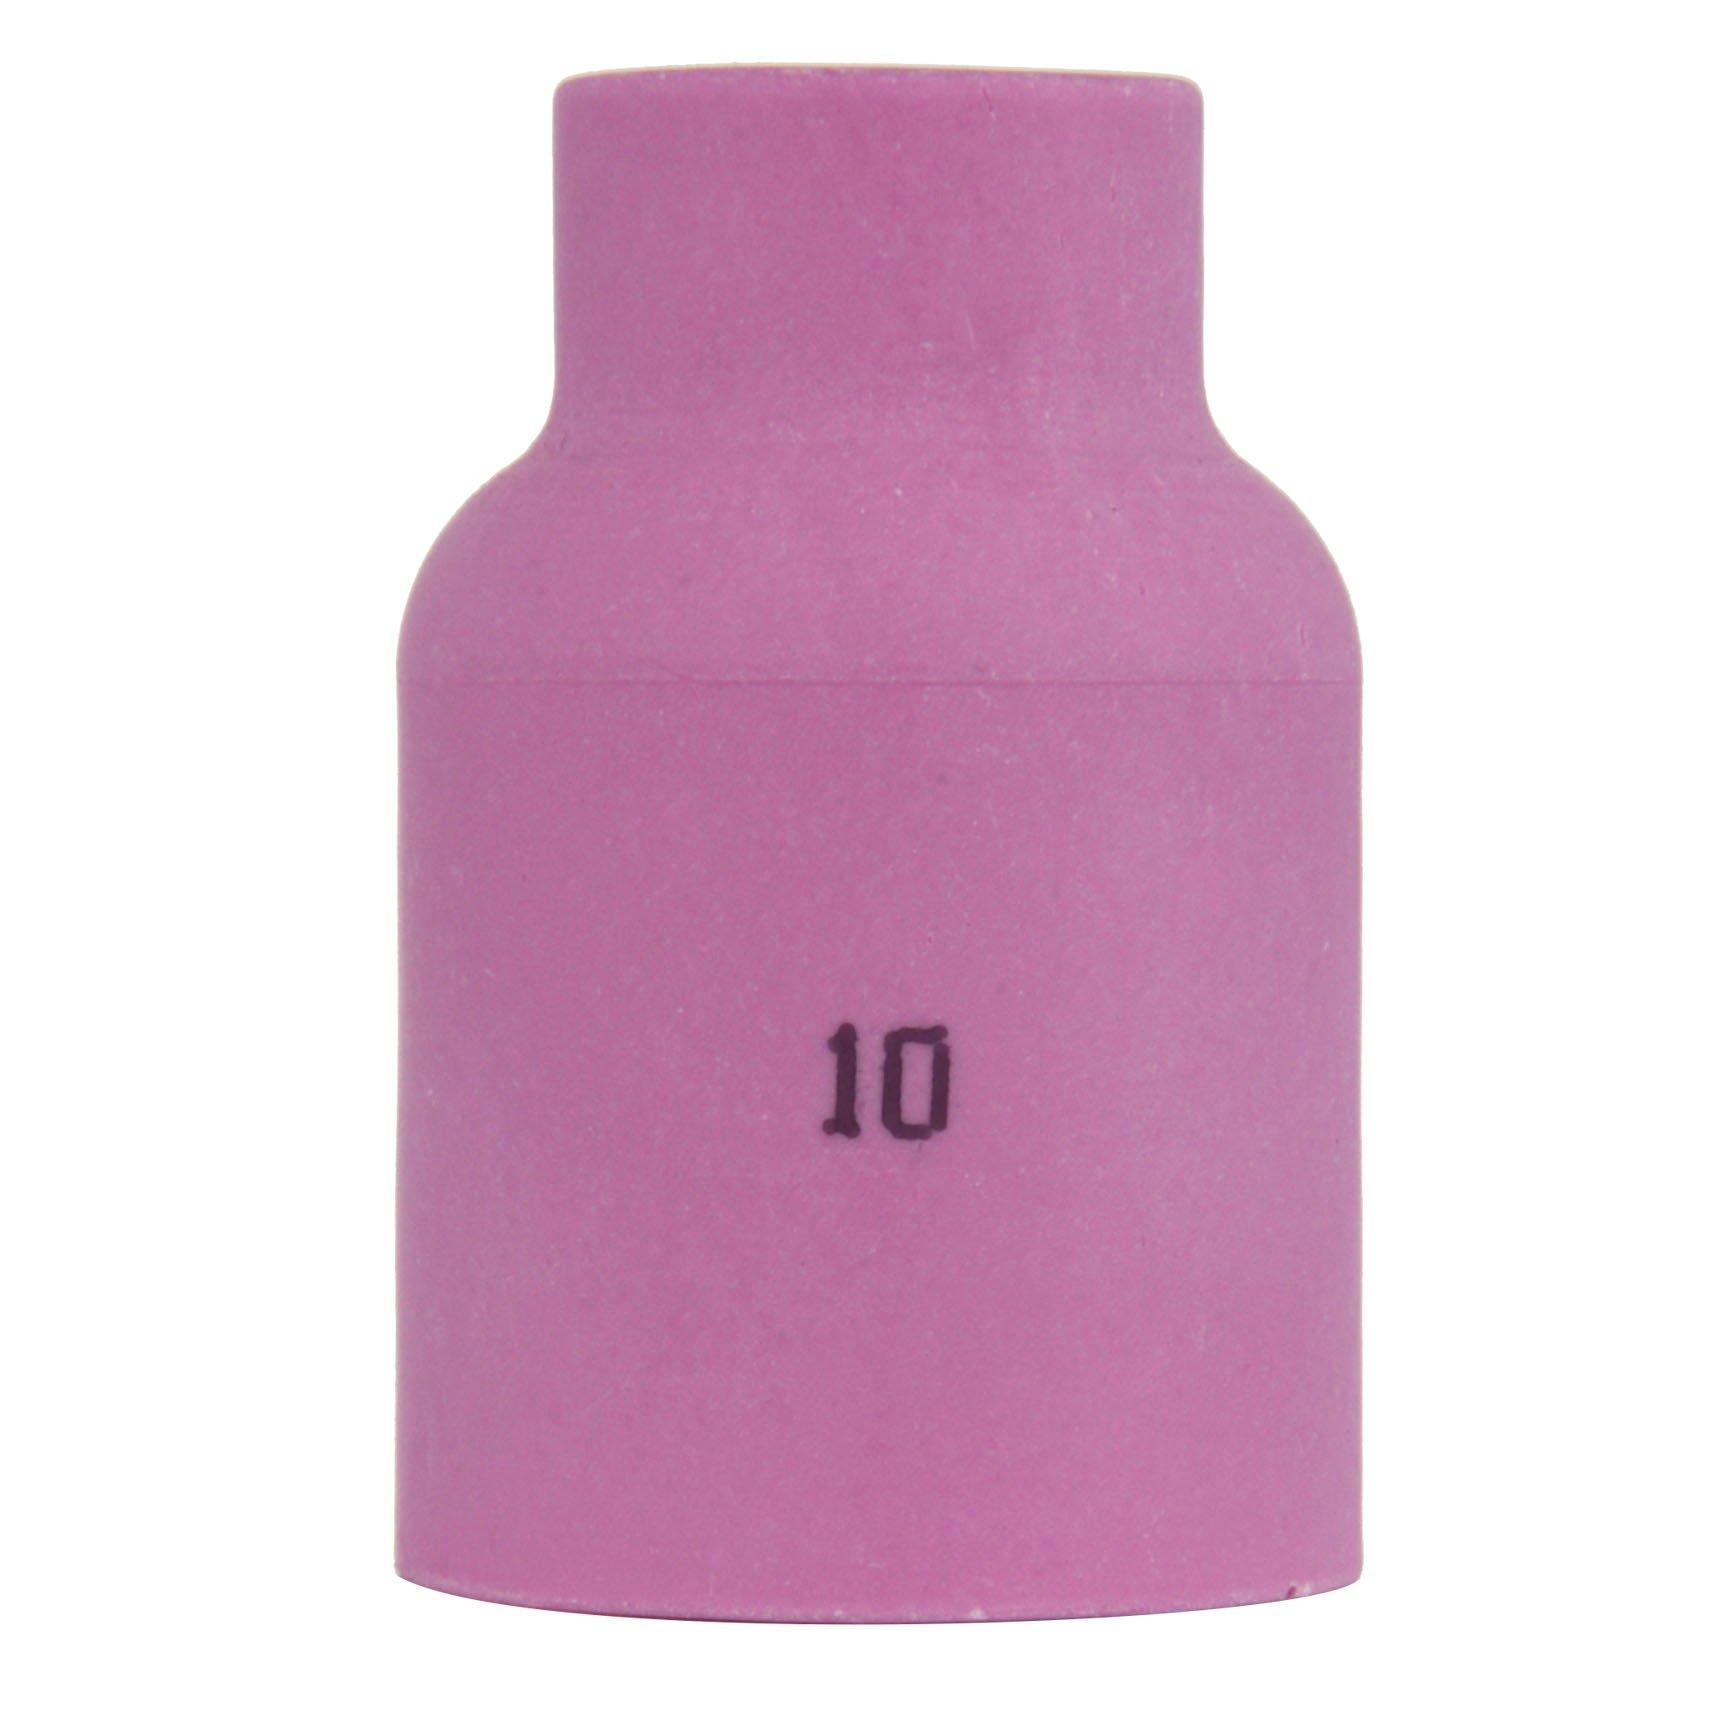 Duza de gaz ceramica lentila jumbo